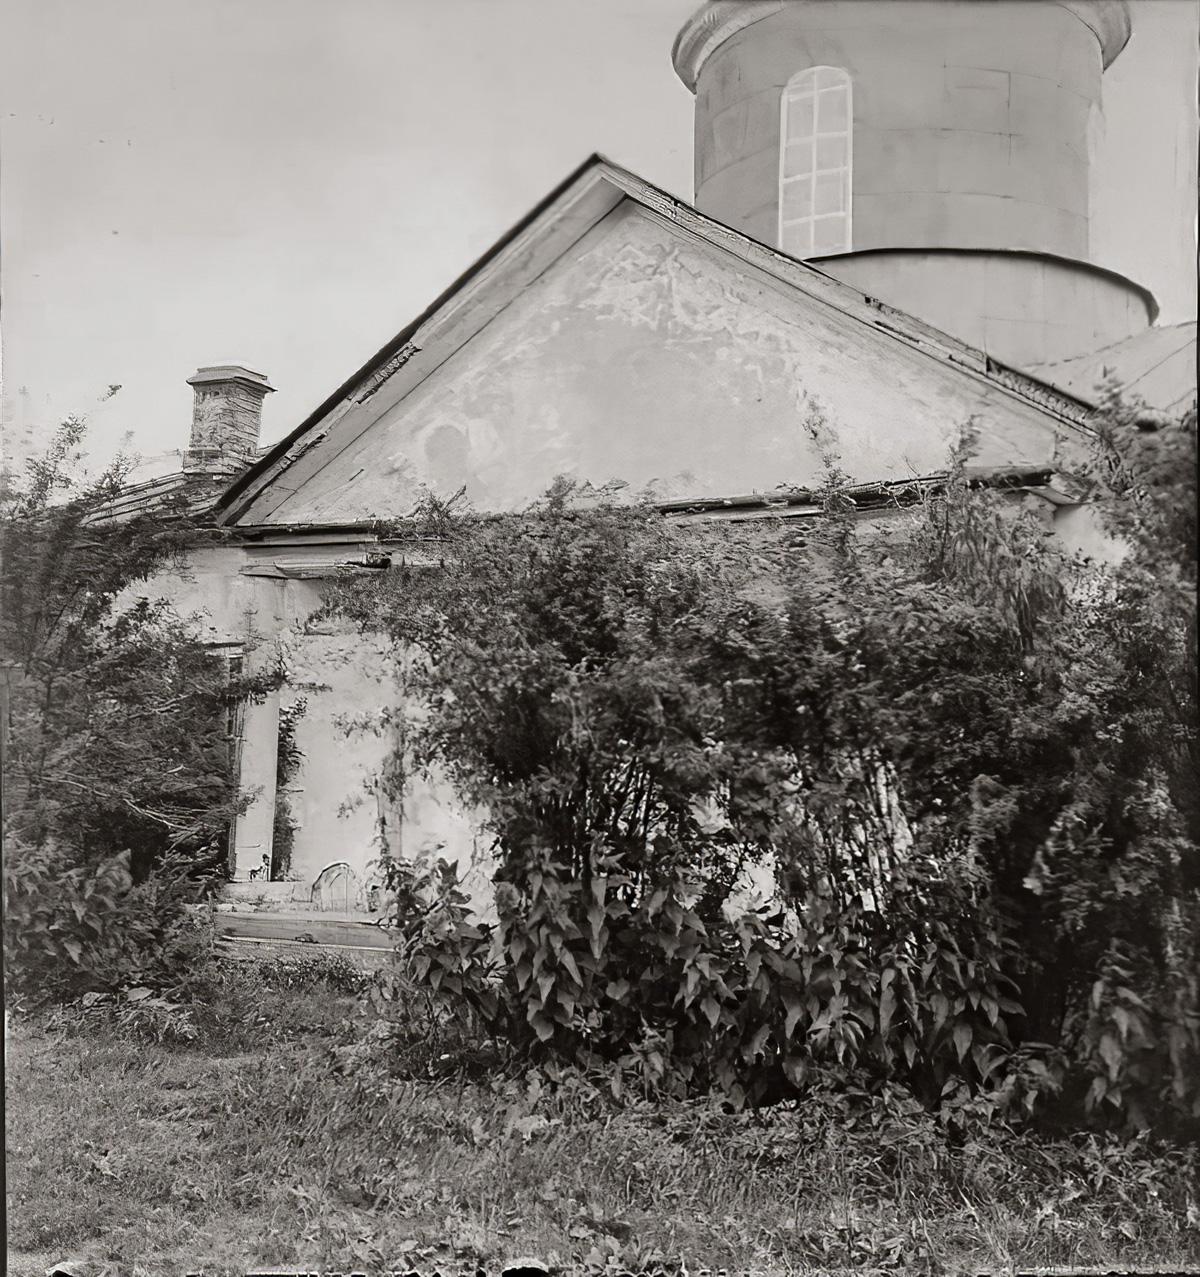 1920е Усадьба Очаково. Троицкая церковь 1850 г. Вид с запада. Торопов С.А.